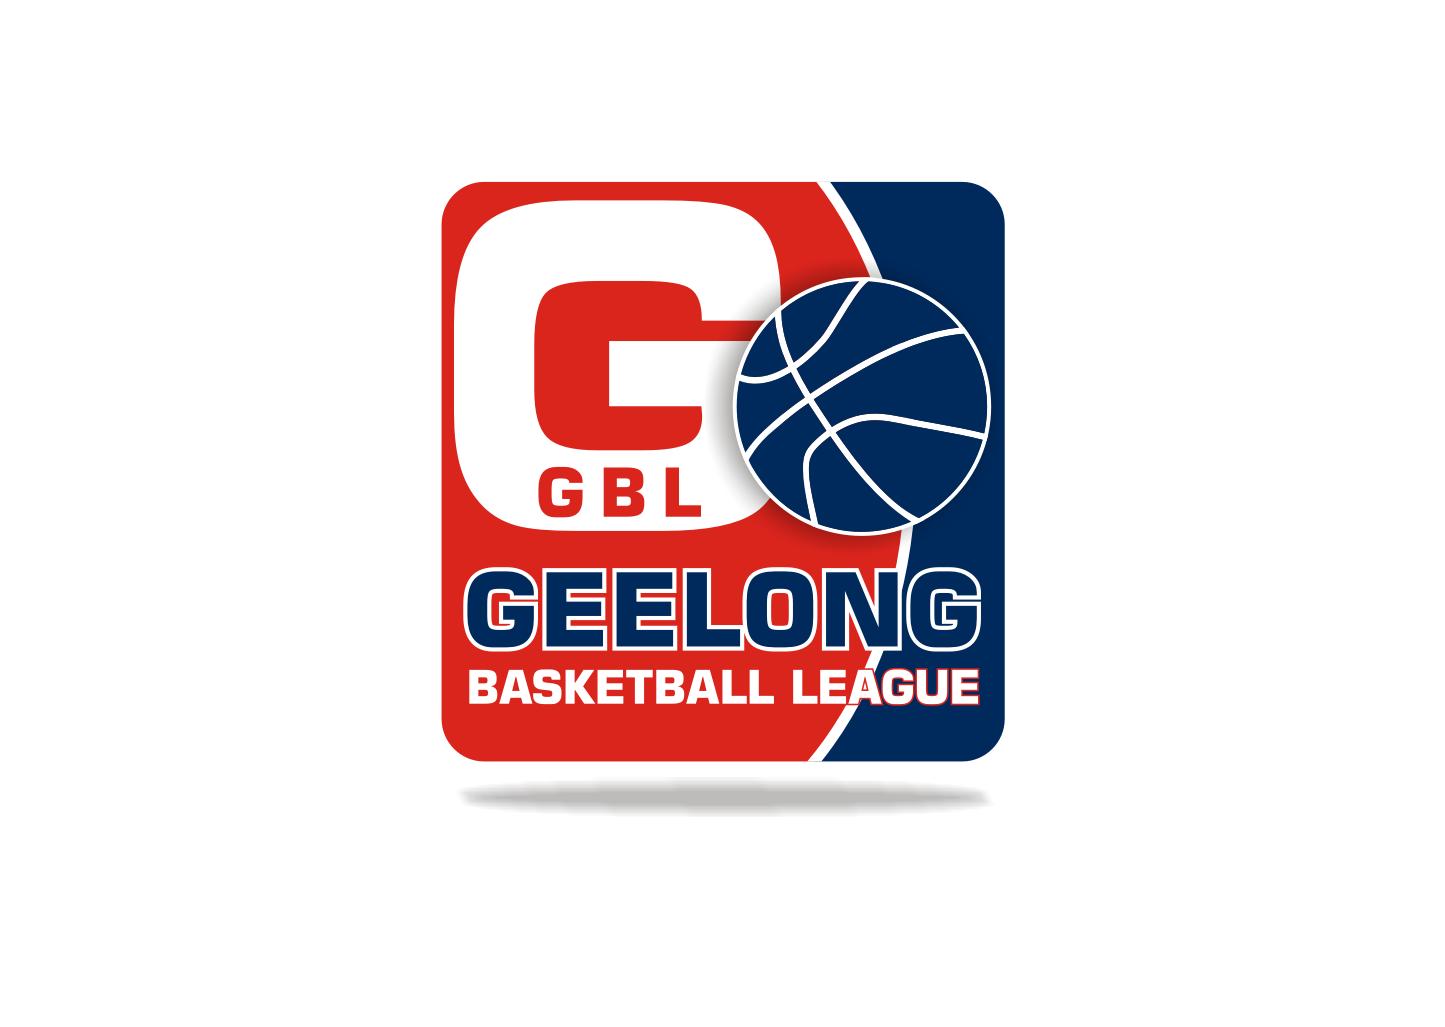 99 logos logo design furthermore basketball league logo